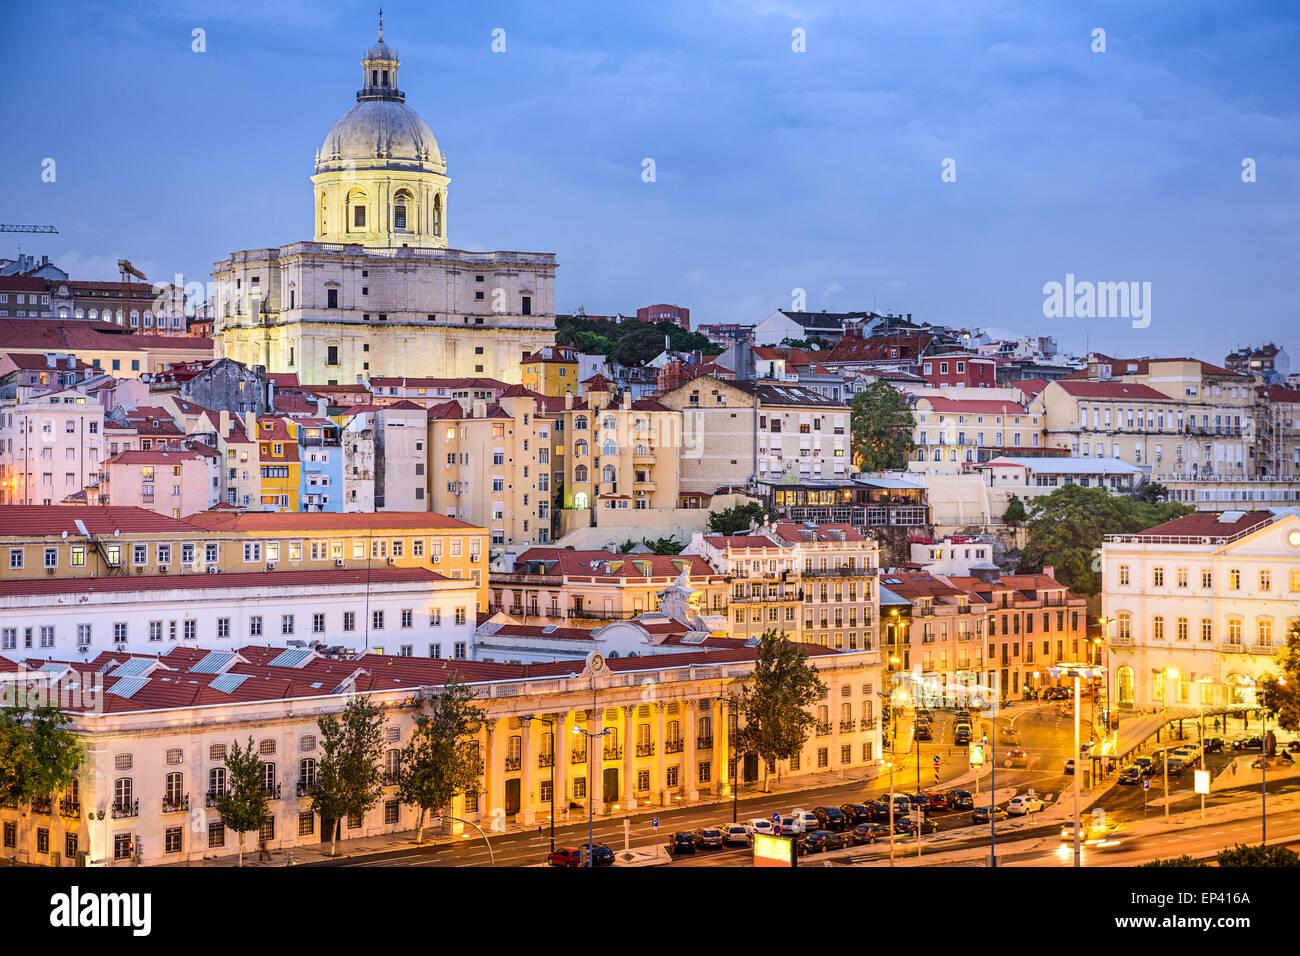 Lisboa, Portugal penumbra del paisaje urbano en el barrio de la Alfama. Imagen De Stock